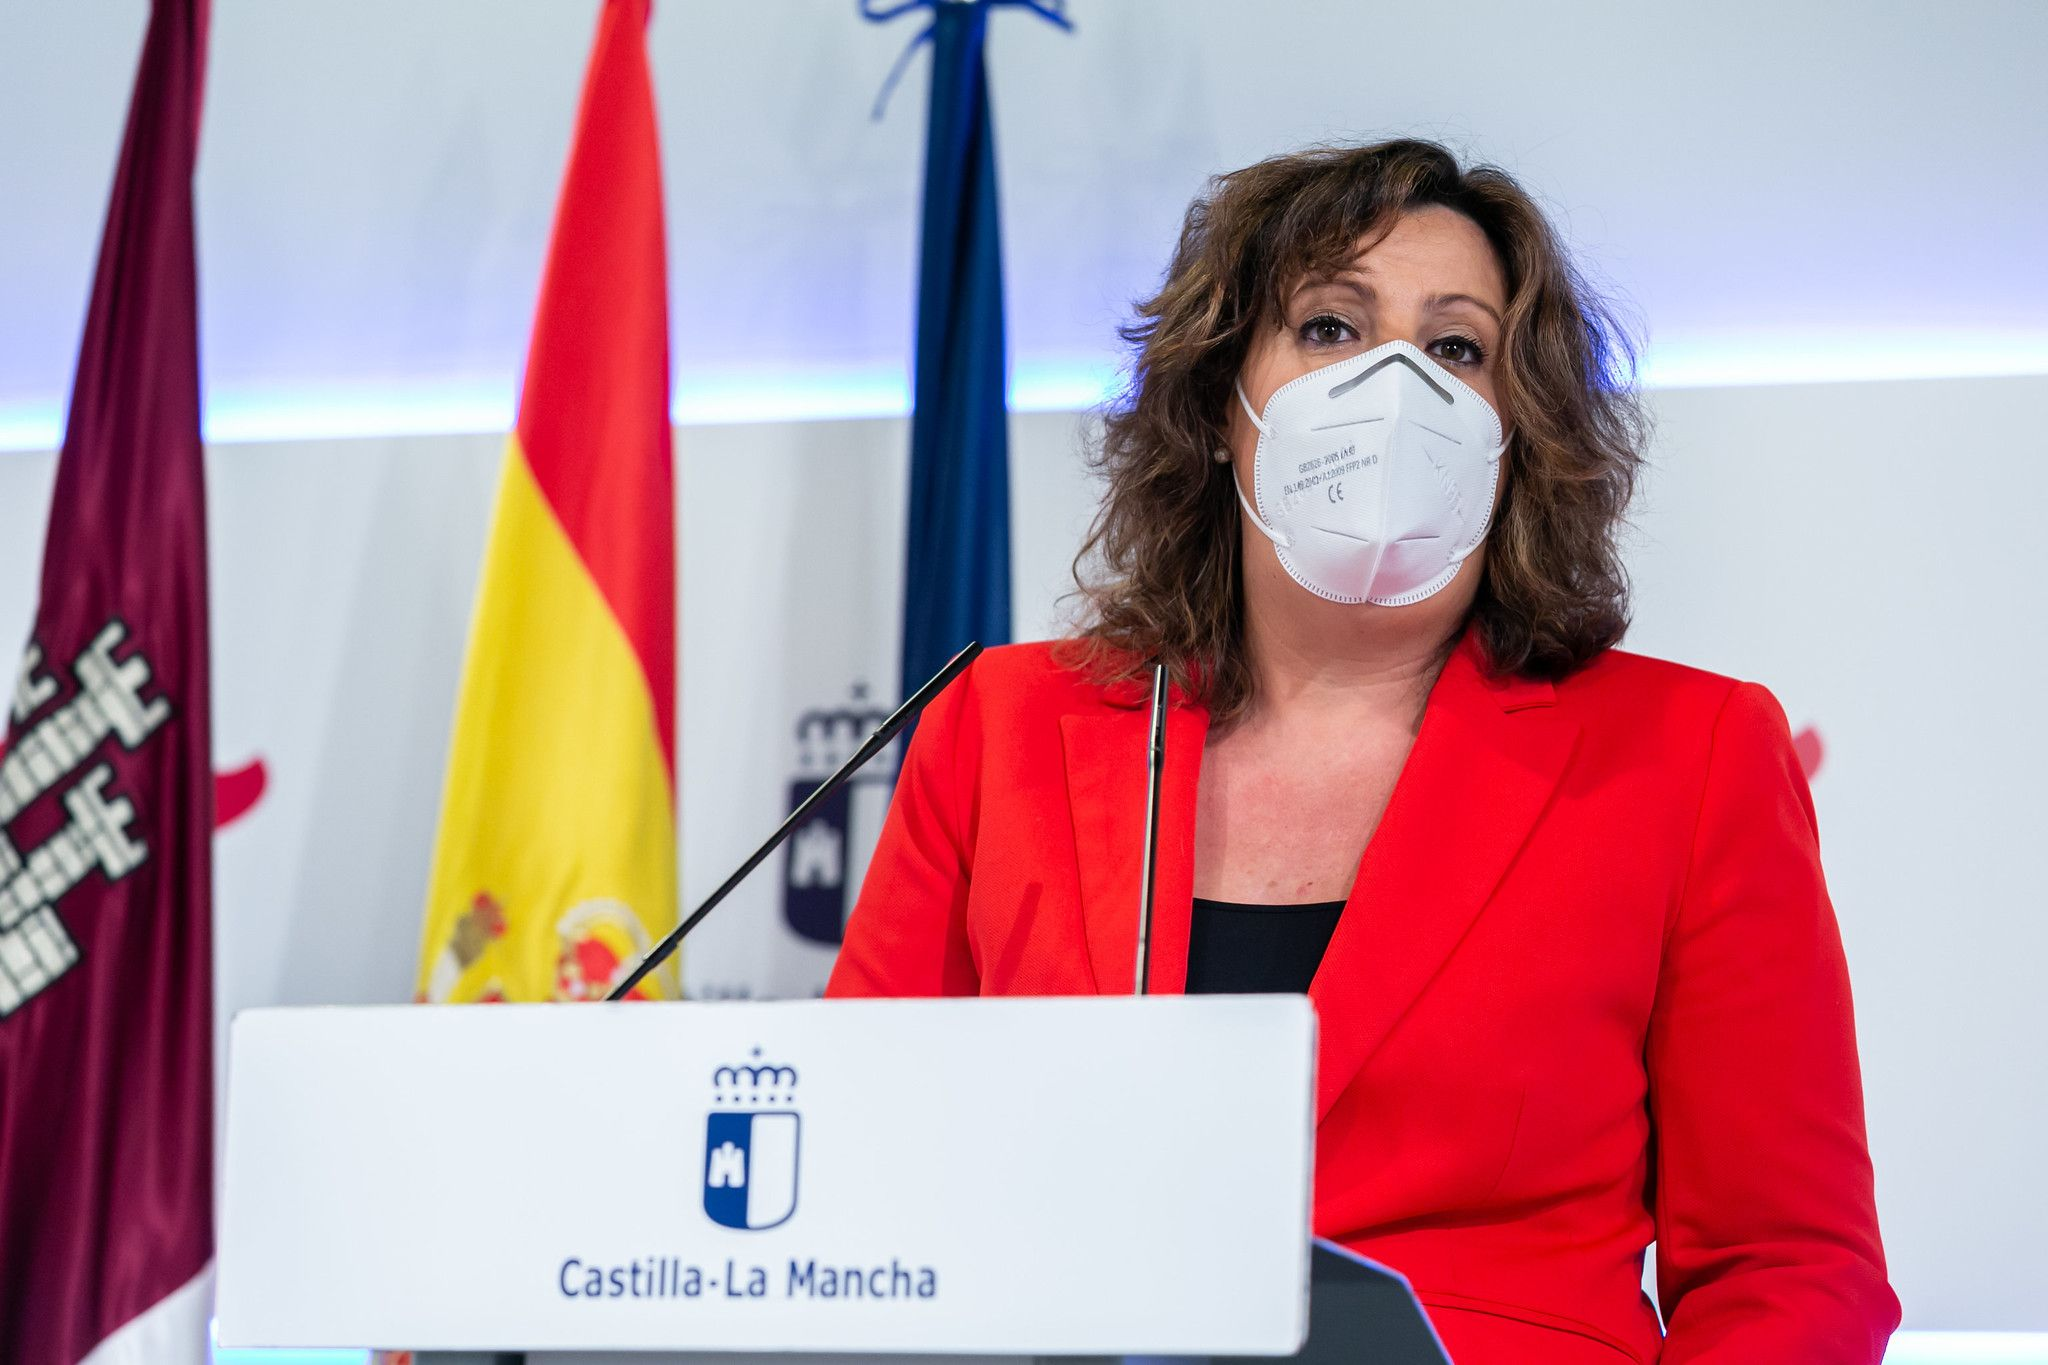 El Gobierno regional y la EOI firmarán un nuevo convenio de colaboración para la puesta en marcha de 17 espacios coworking en Castilla-La Mancha